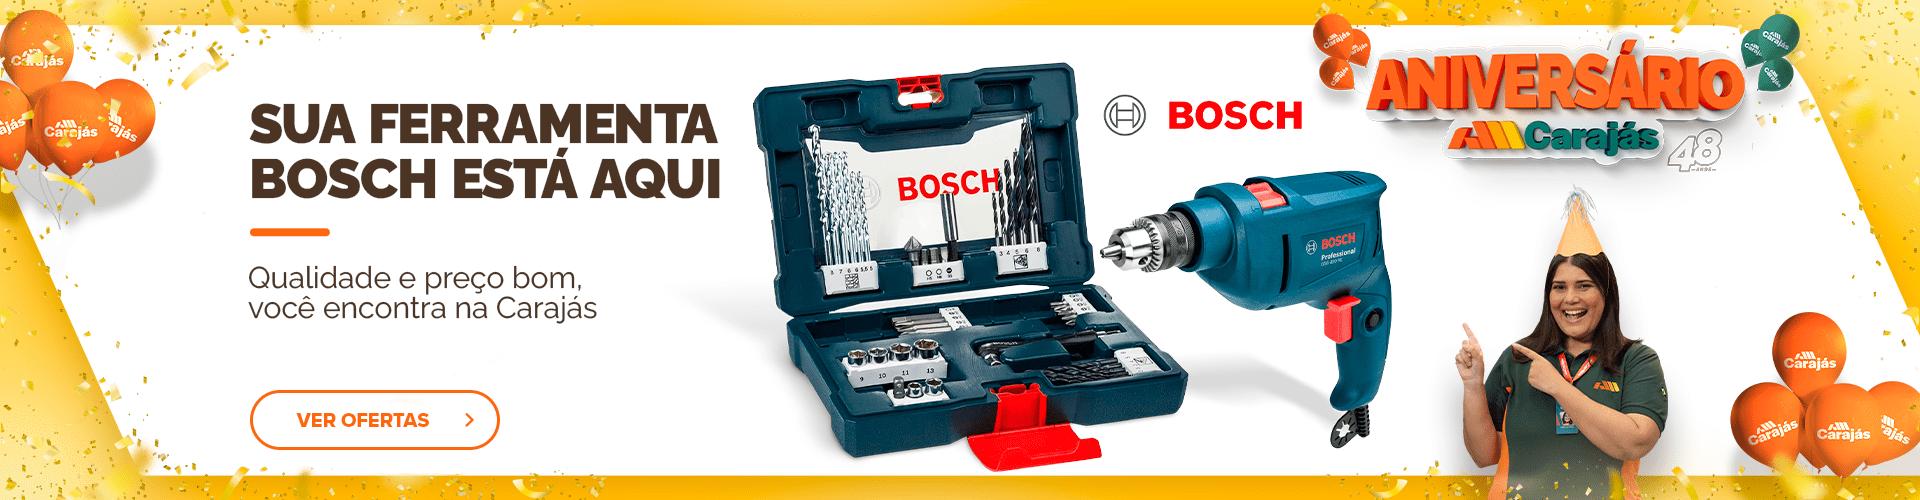 Pequenos e grandes reparos Bosch